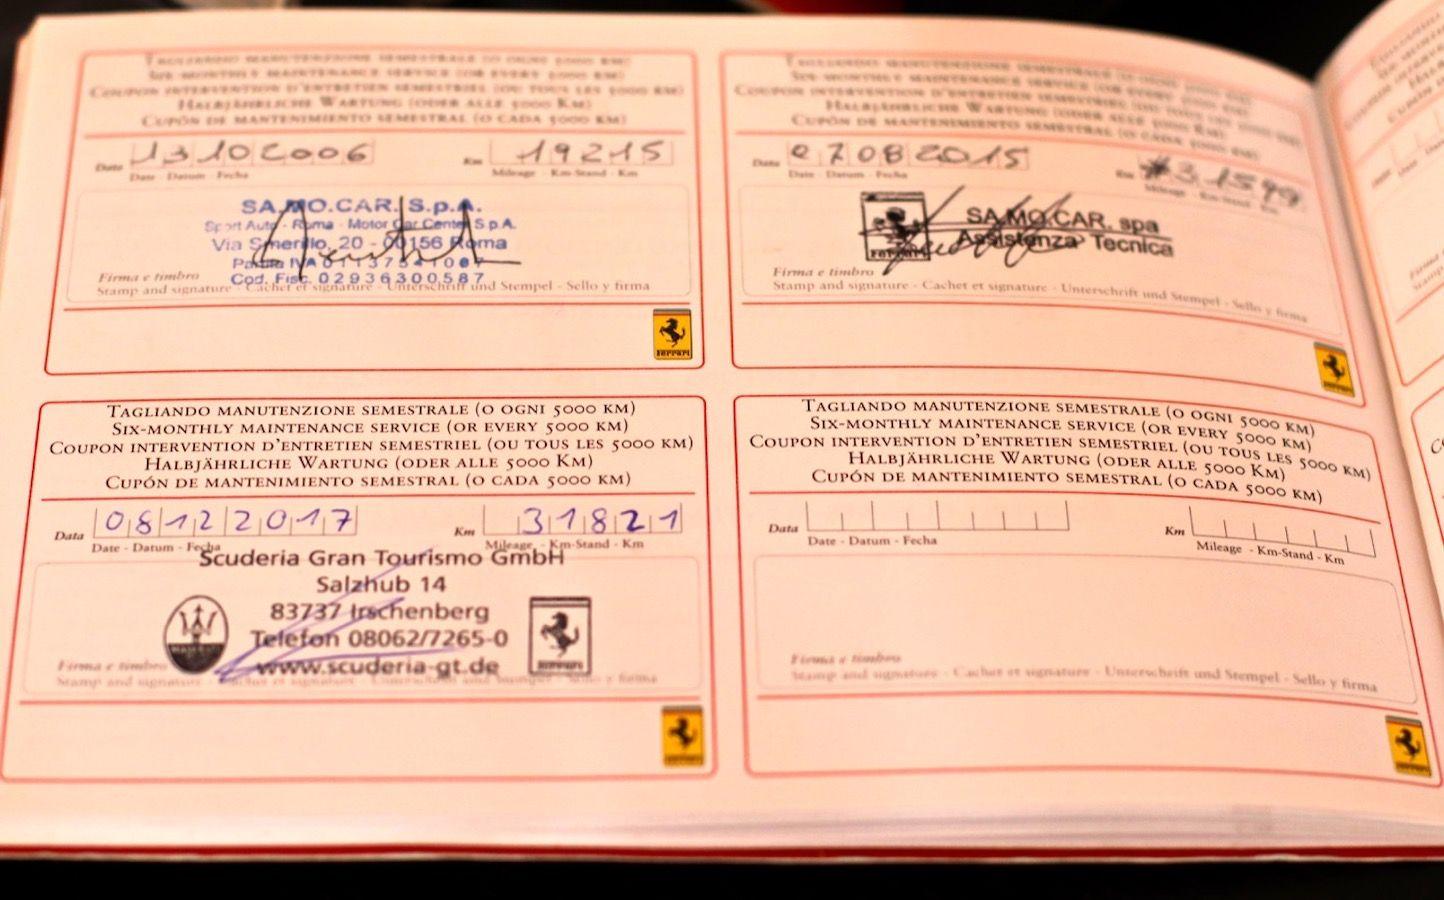 Carbild BeschreibungFerrari Enzo Ferrari8117